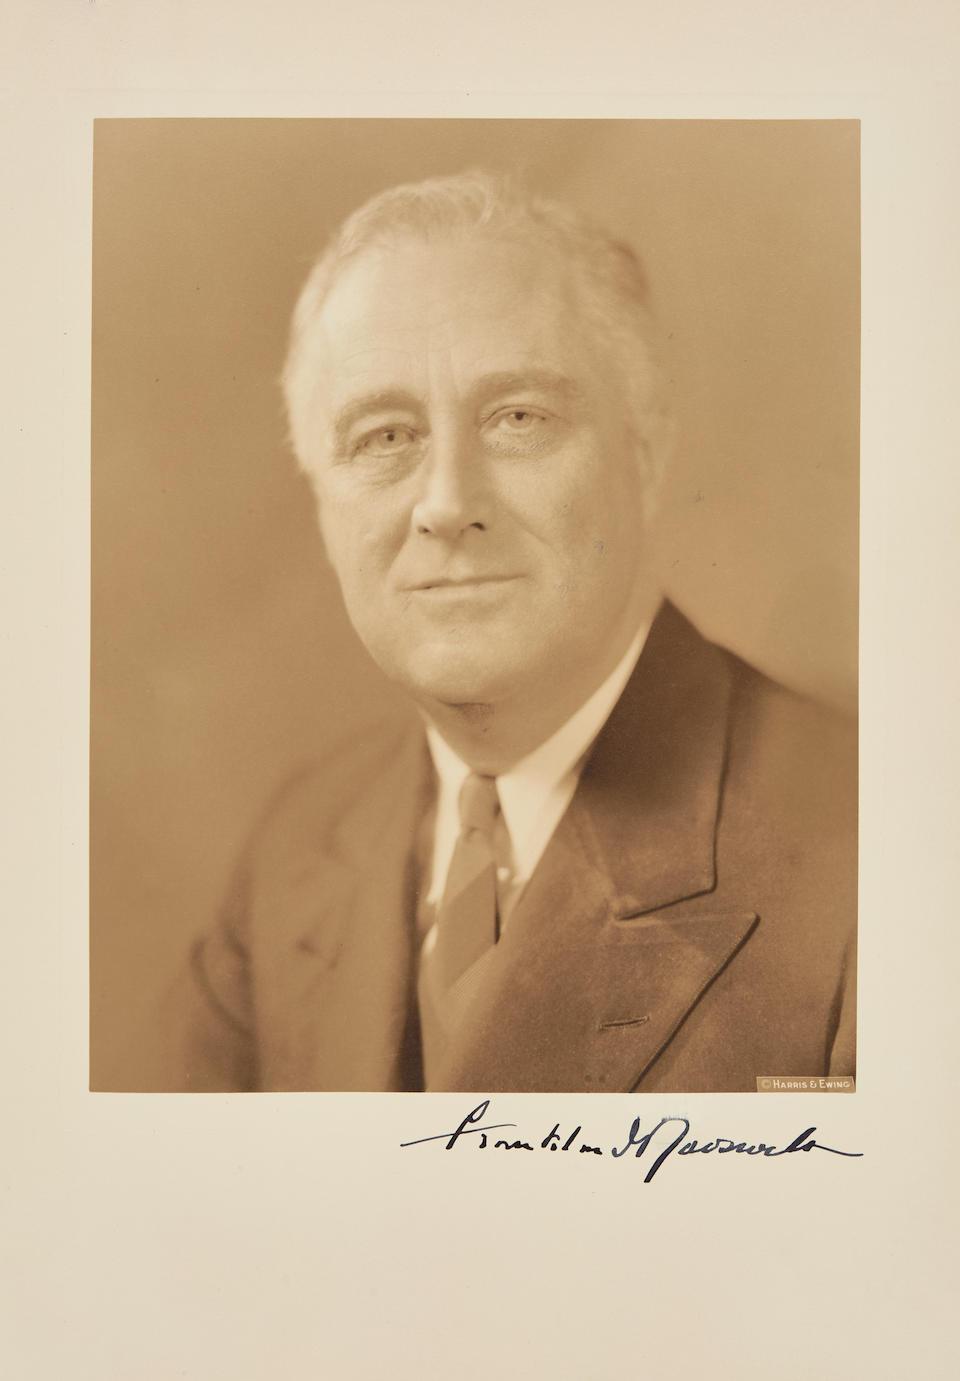 """ROOSEVELT, FRANKLIN DELANO. 1882-1945. Photograph Signed (""""Franklin D. Roosevelt""""),"""